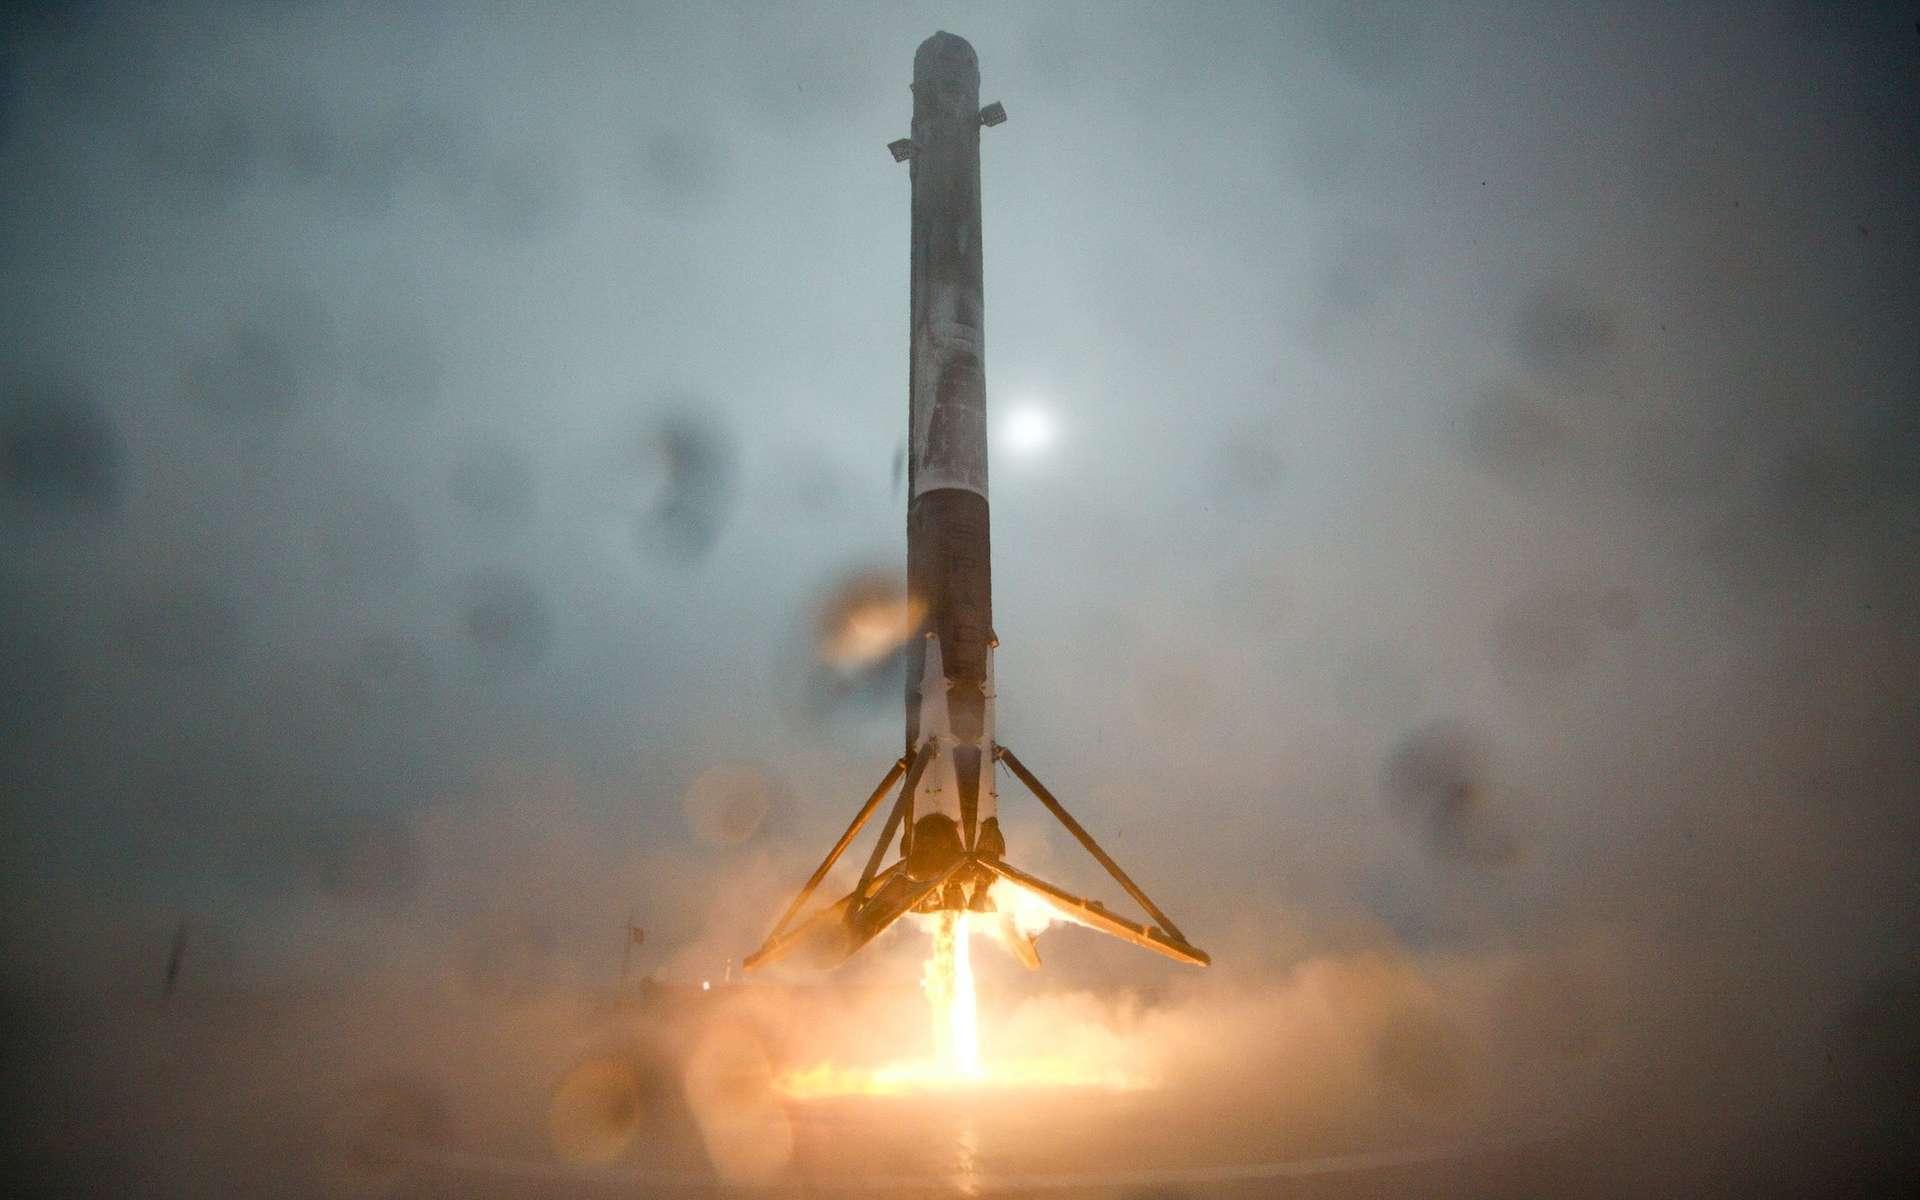 L'étage principal du Falcon 9 de SpaceX quelques secondes avant son atterrissage sur la barge, dimanche 17 janvier. Il a ensuite basculé puis explosé au sol. © SpaceX